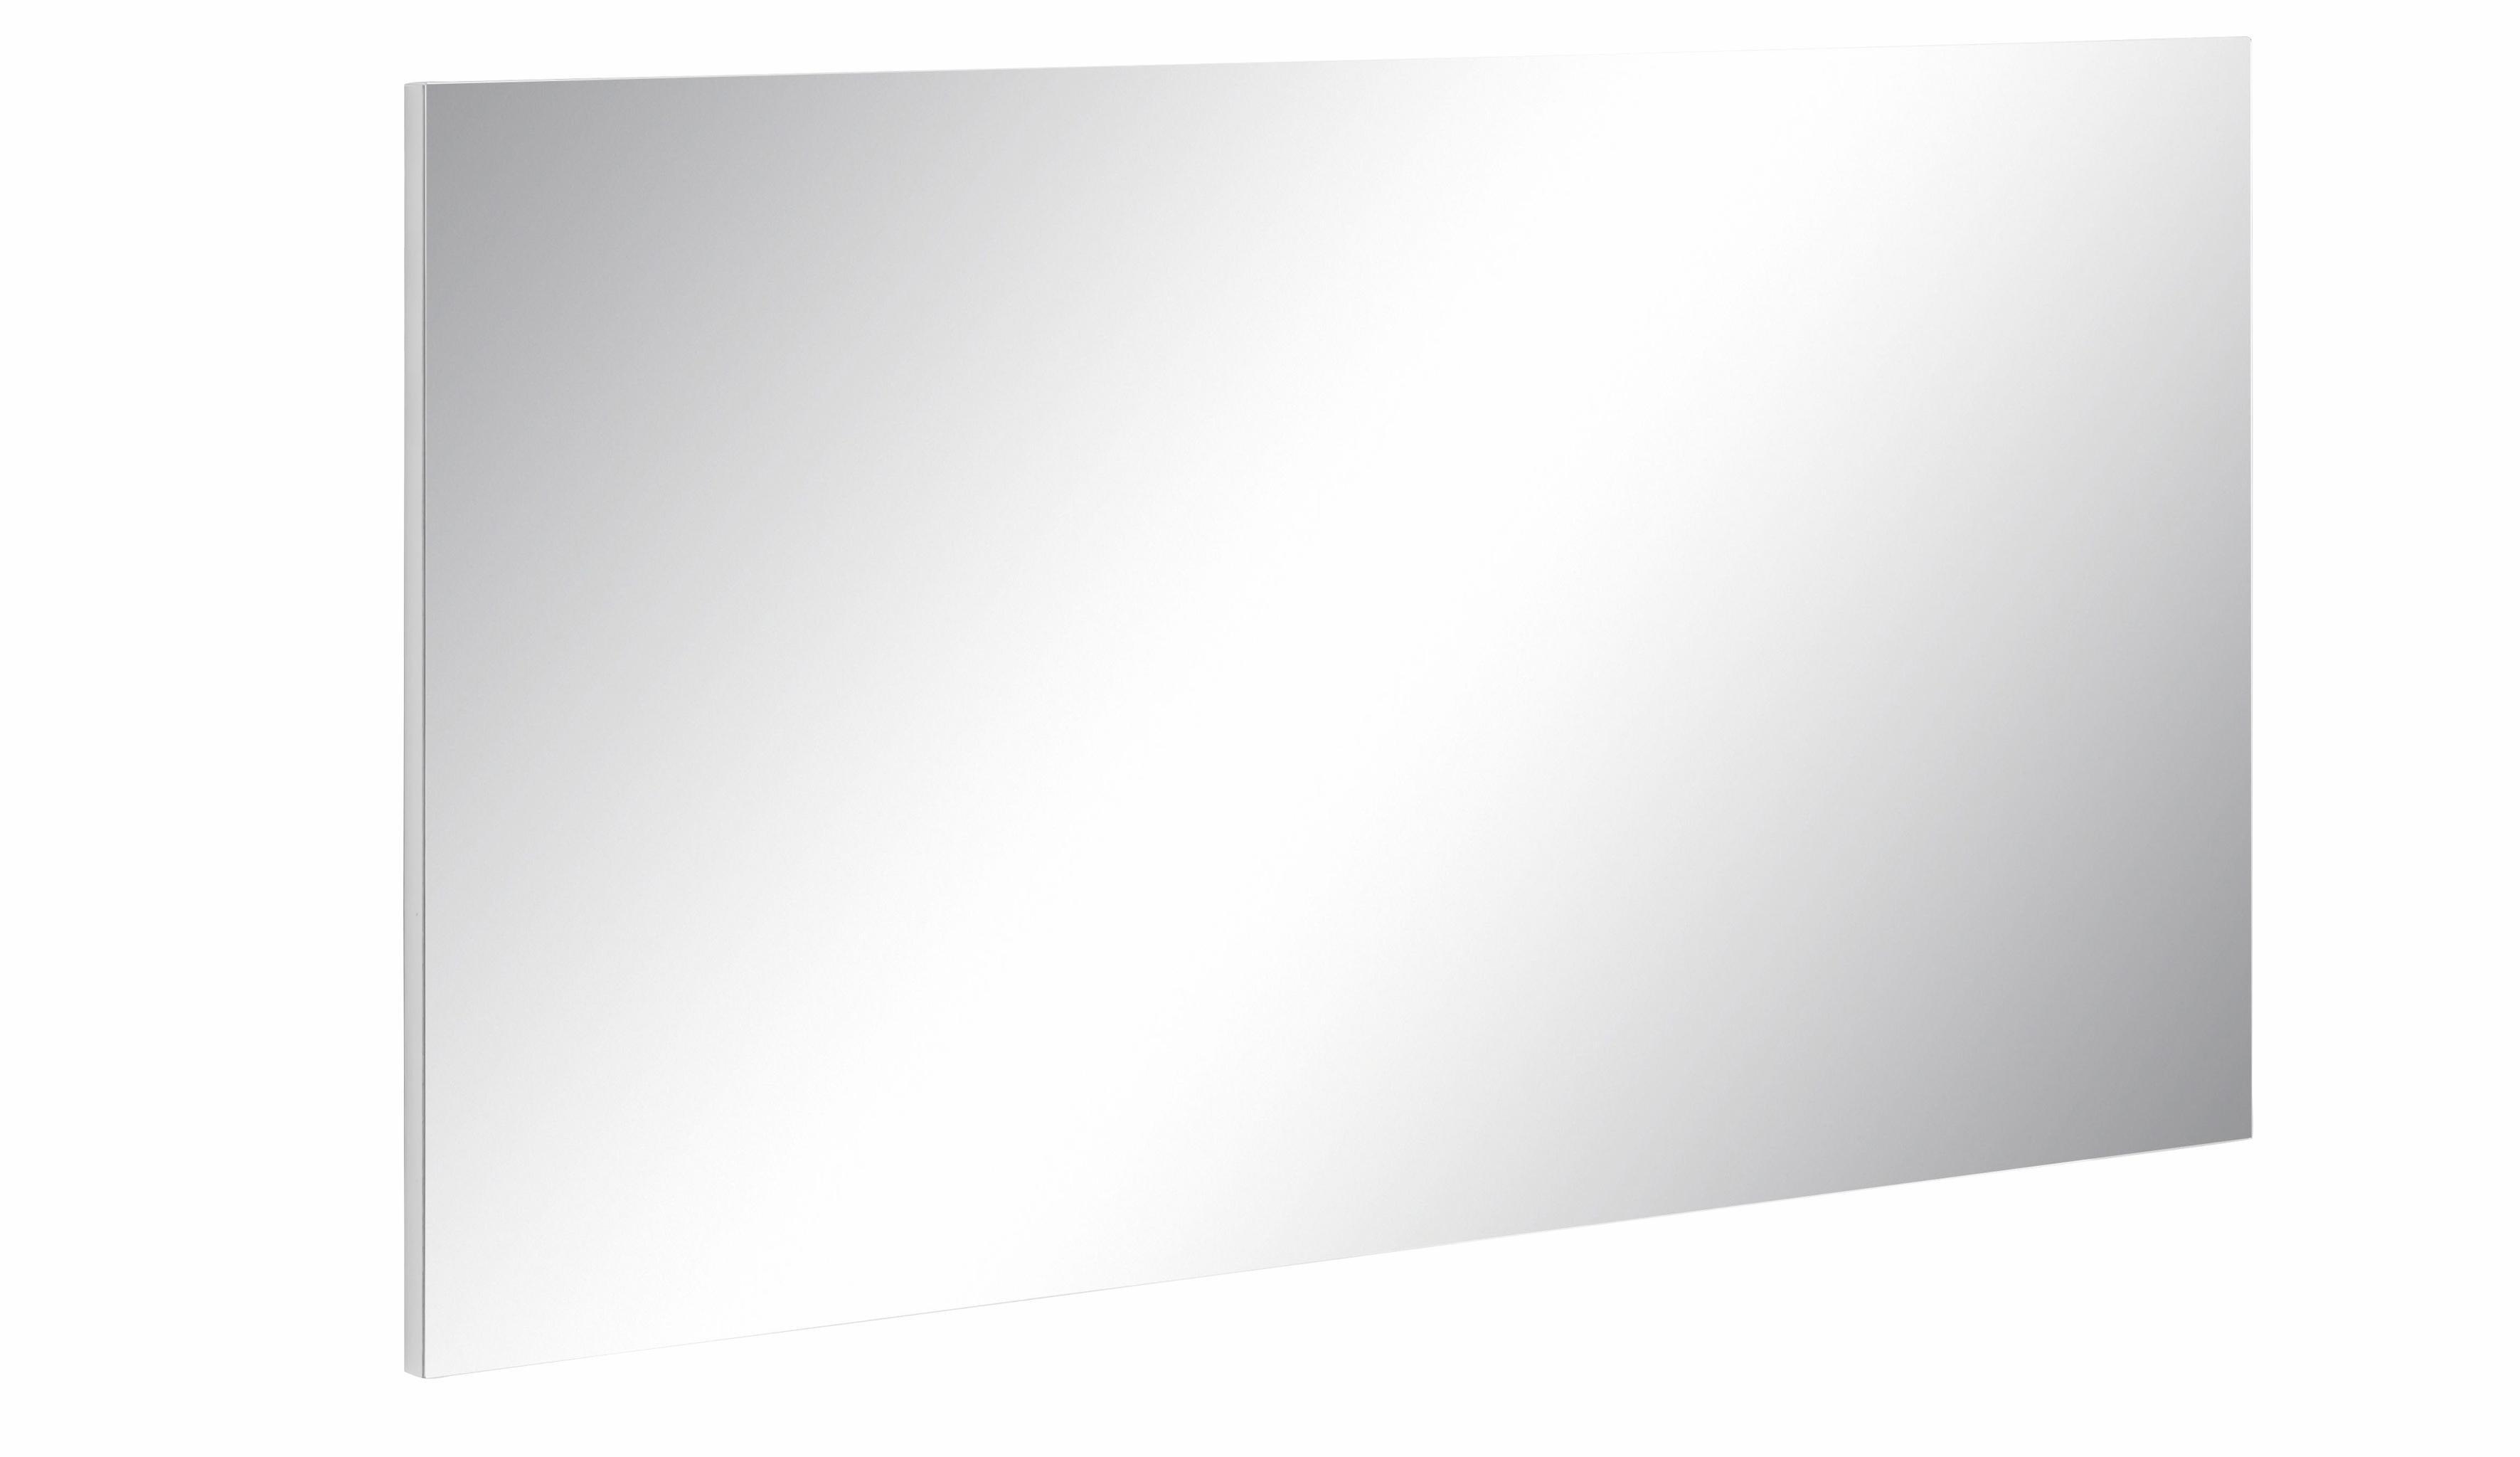 Borchardt Möbel Spiegel, 89 cm breed - verschillende betaalmethodes